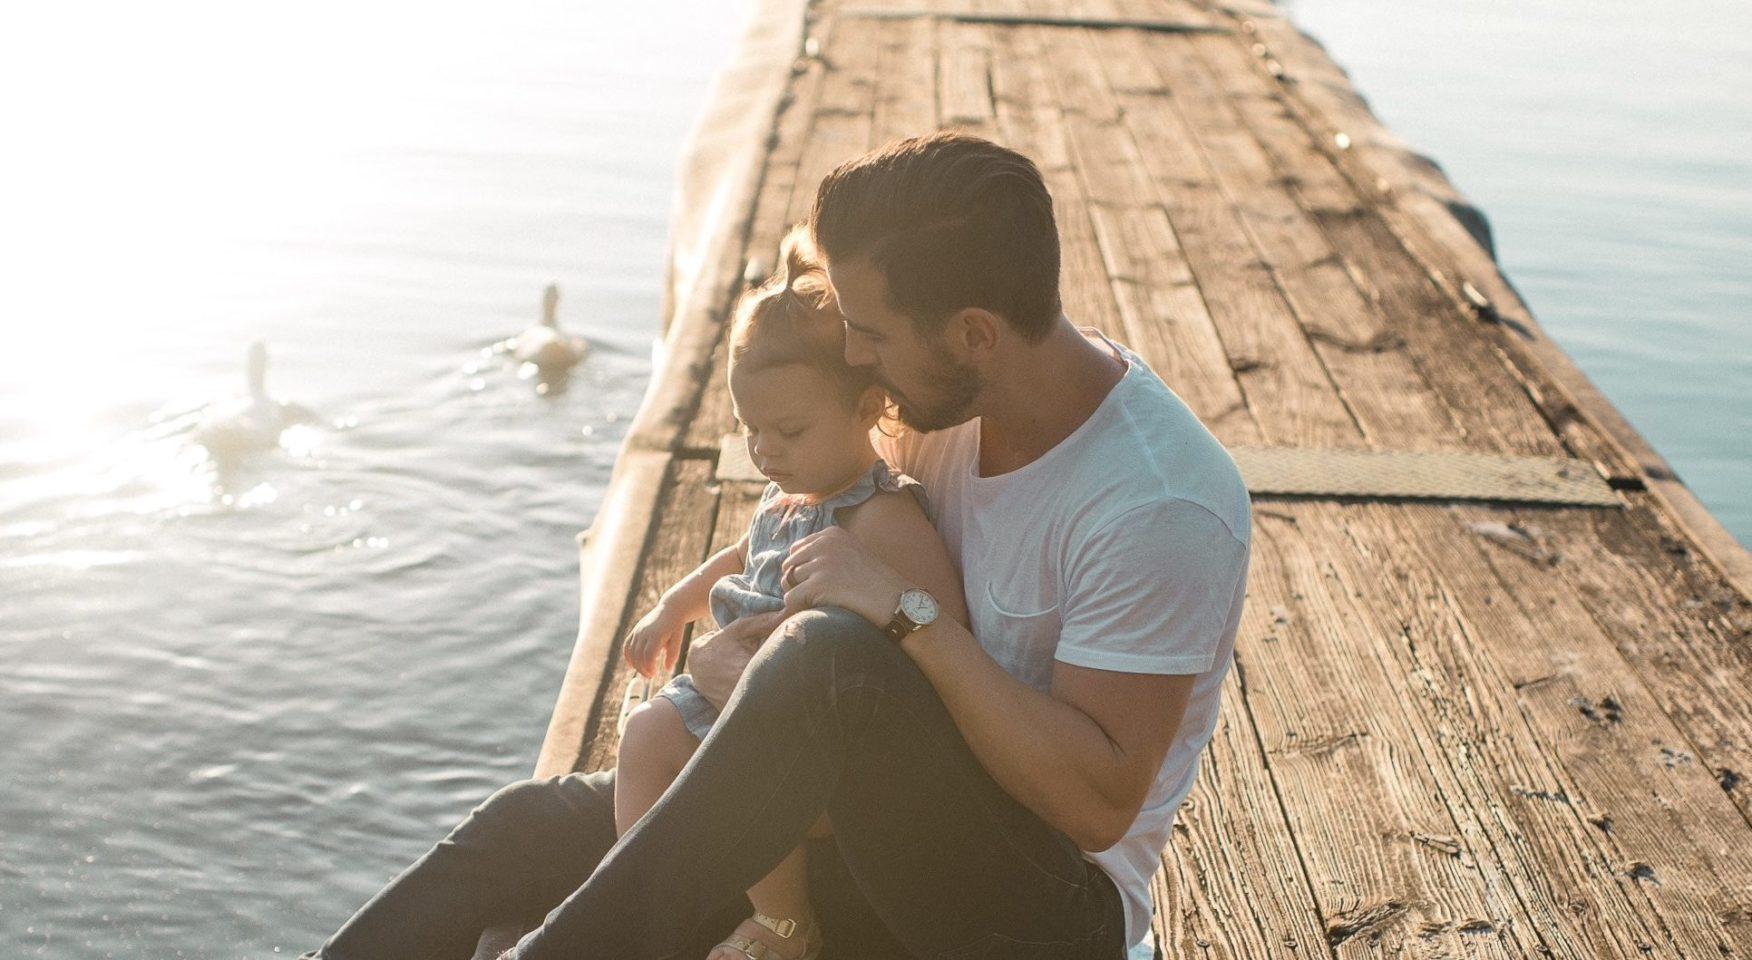 Dad holding toddler daughter sitting on lake pier